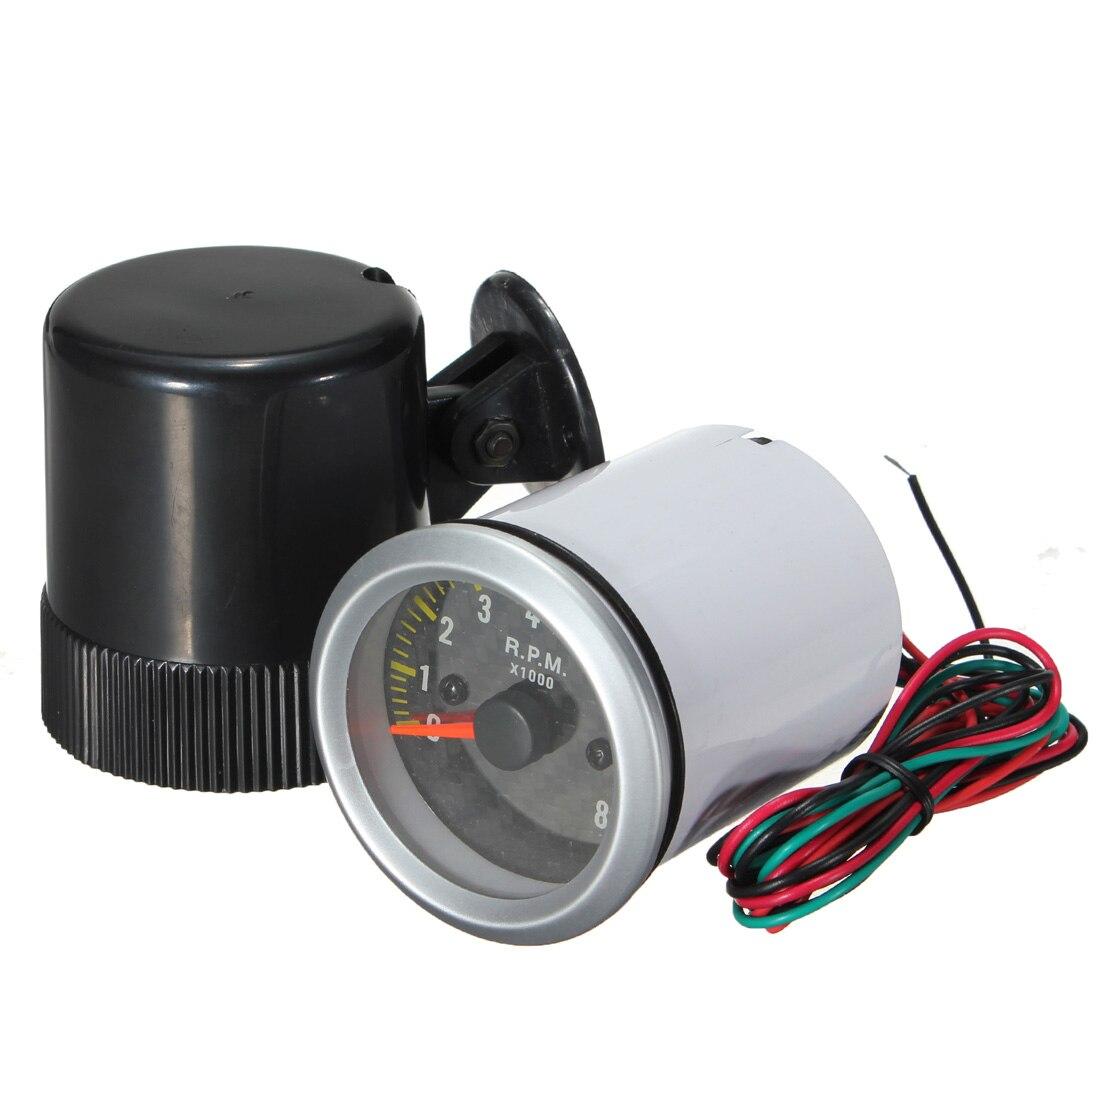 2 pollice 52mm 0-8000 rpm Rev Tachi Calibro Auto Tachimetro In Fibra di Carbonio Viso LED Giallo